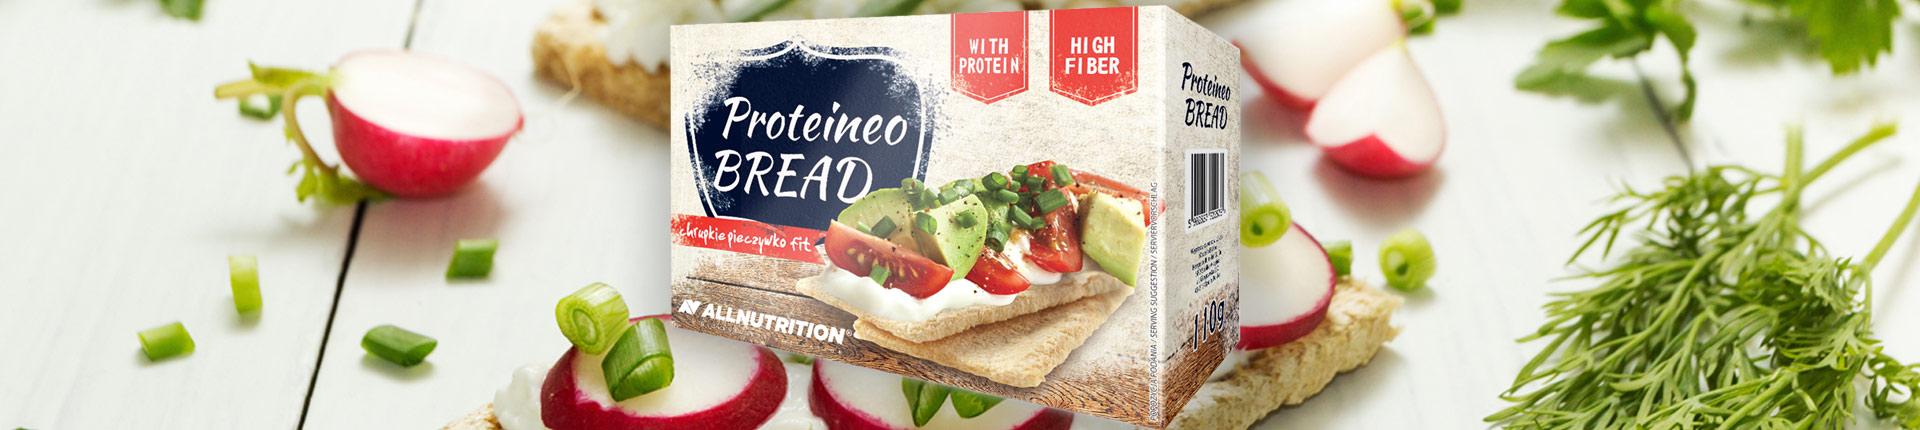 Proteineo Bread - chrupkie pieczywo FIT